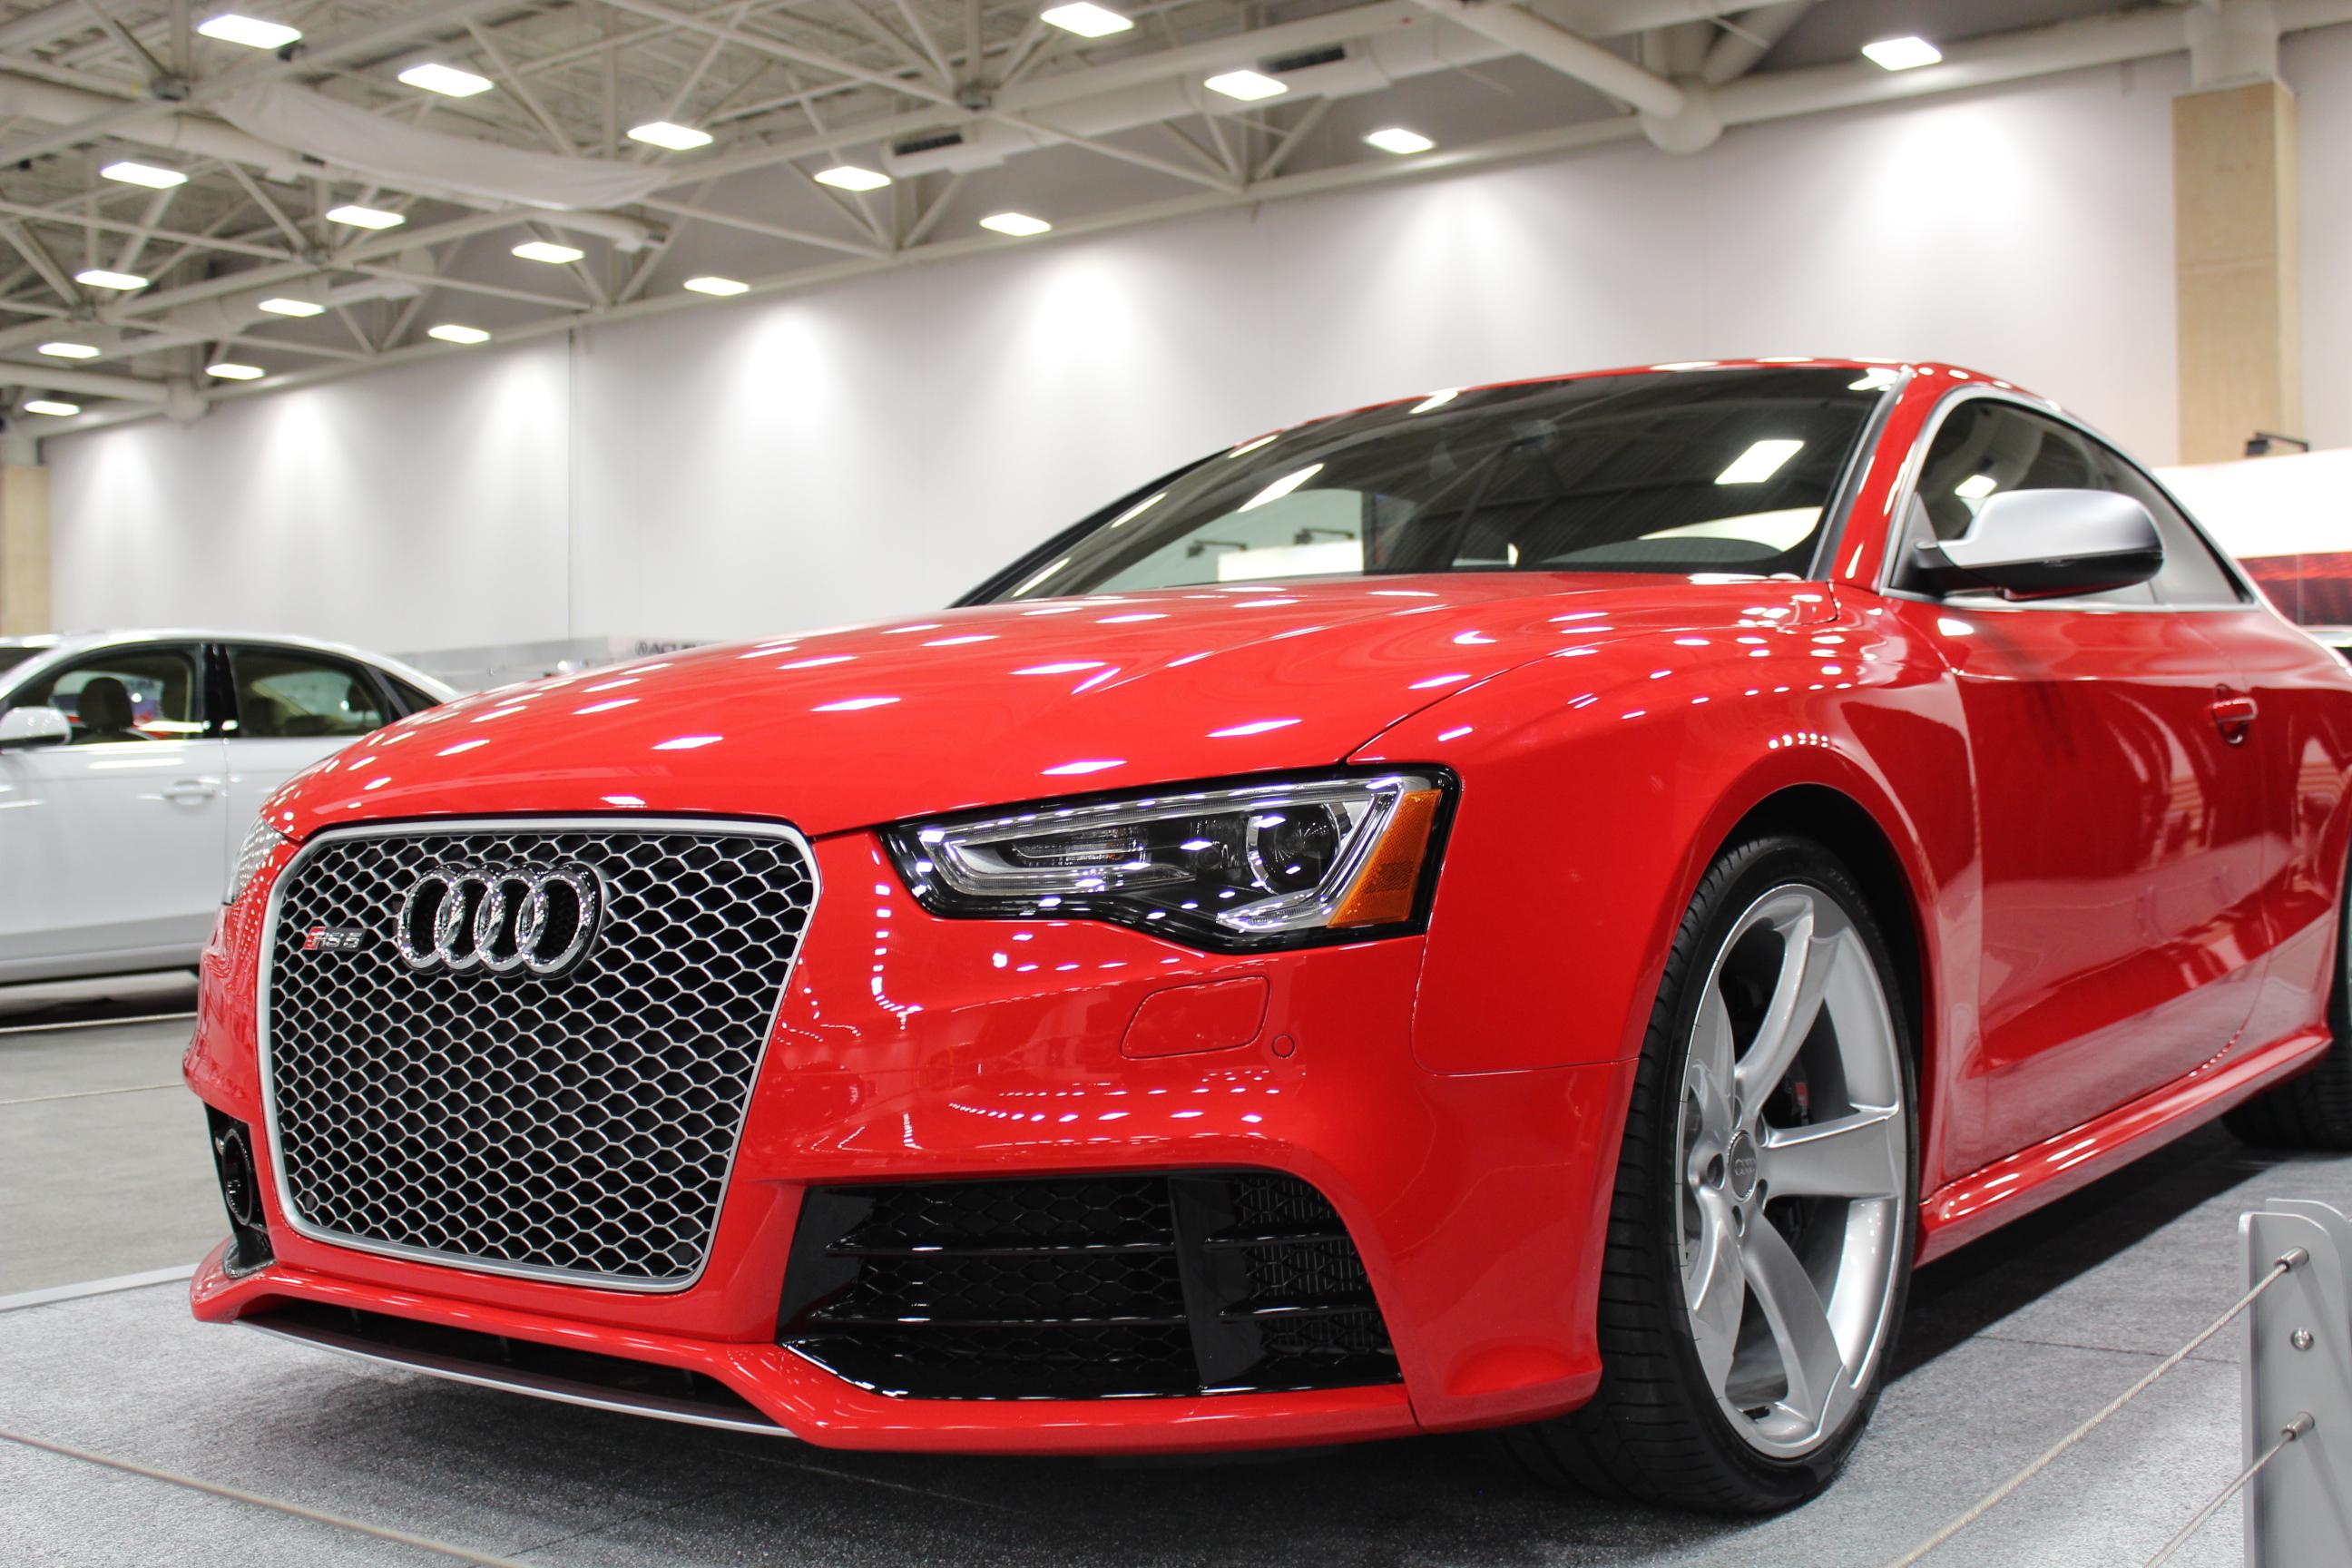 Audi RS At The Dallas Auto Show TxGarage - Dallas audi